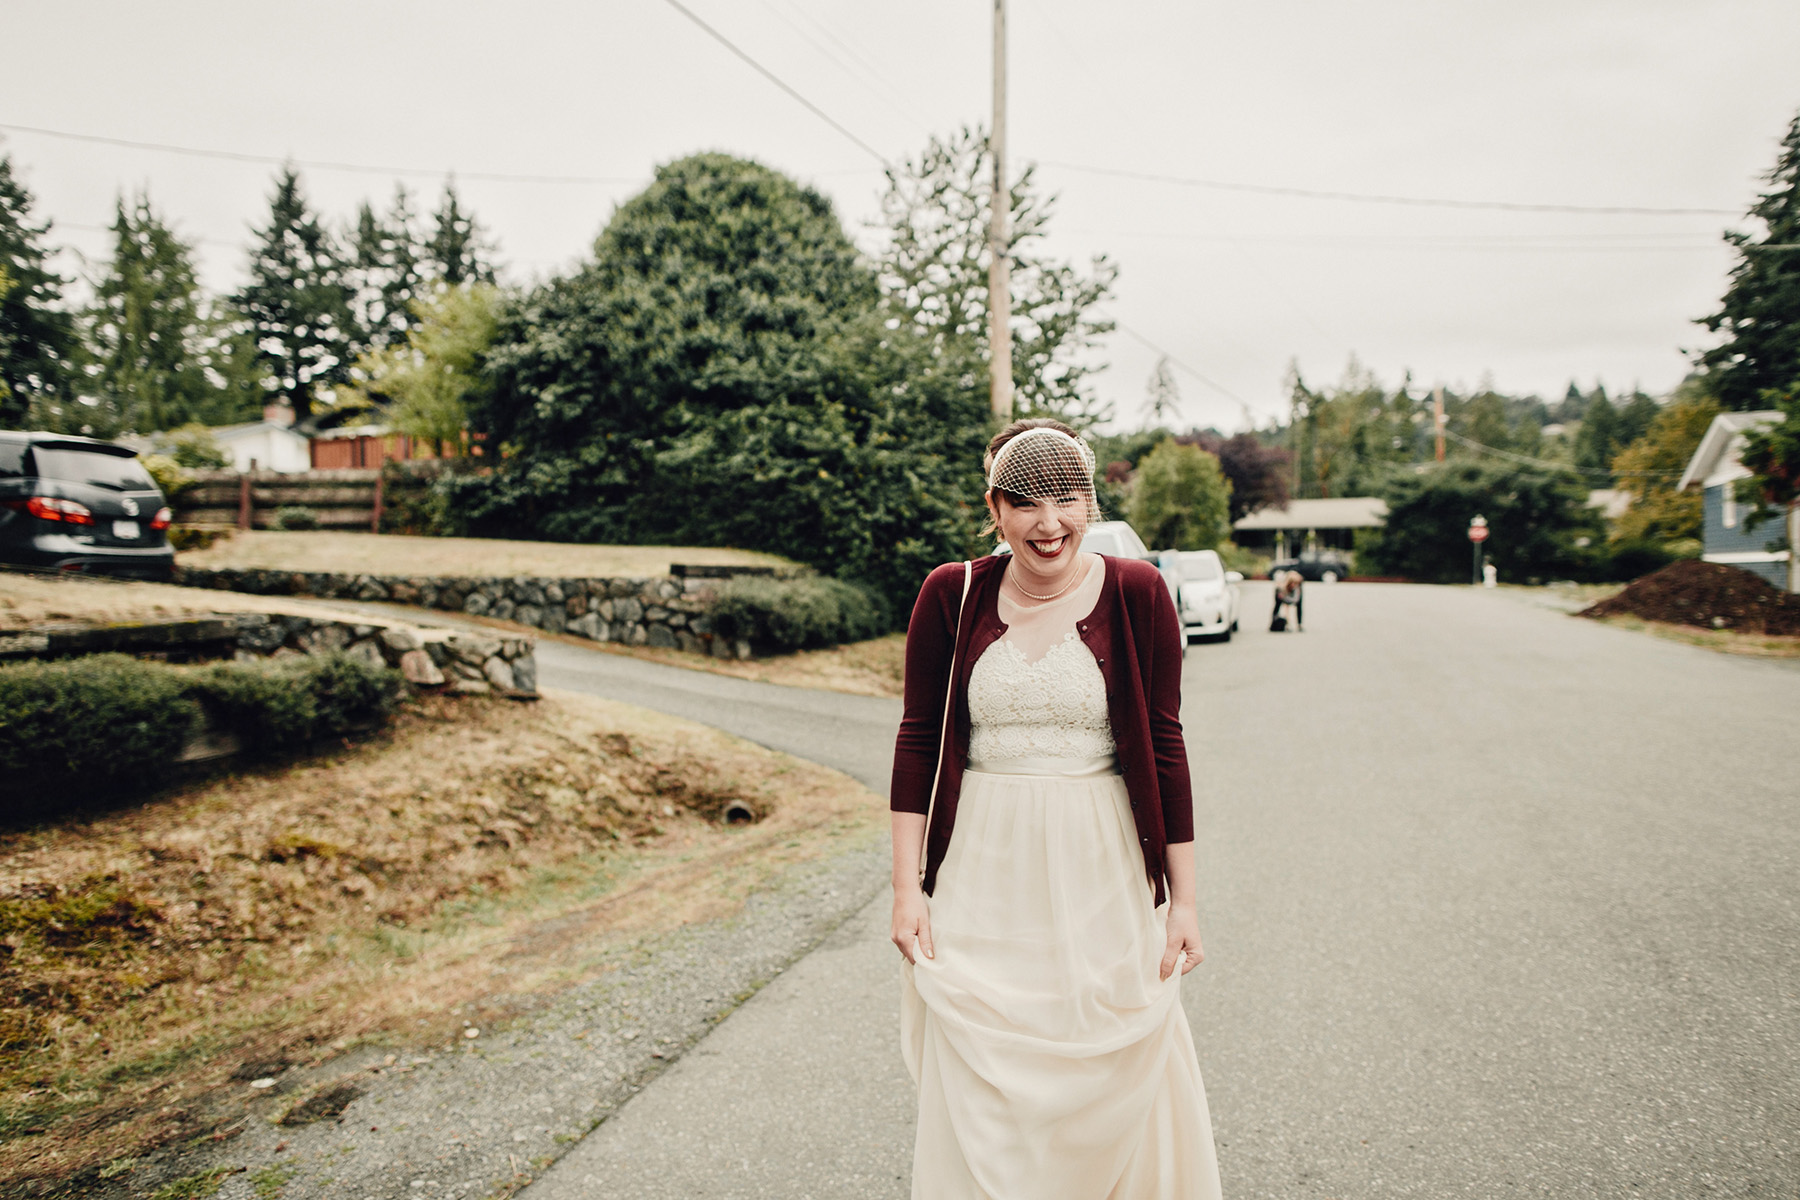 Glenrosa-Farms-Wedding-Photos-0180.jpg